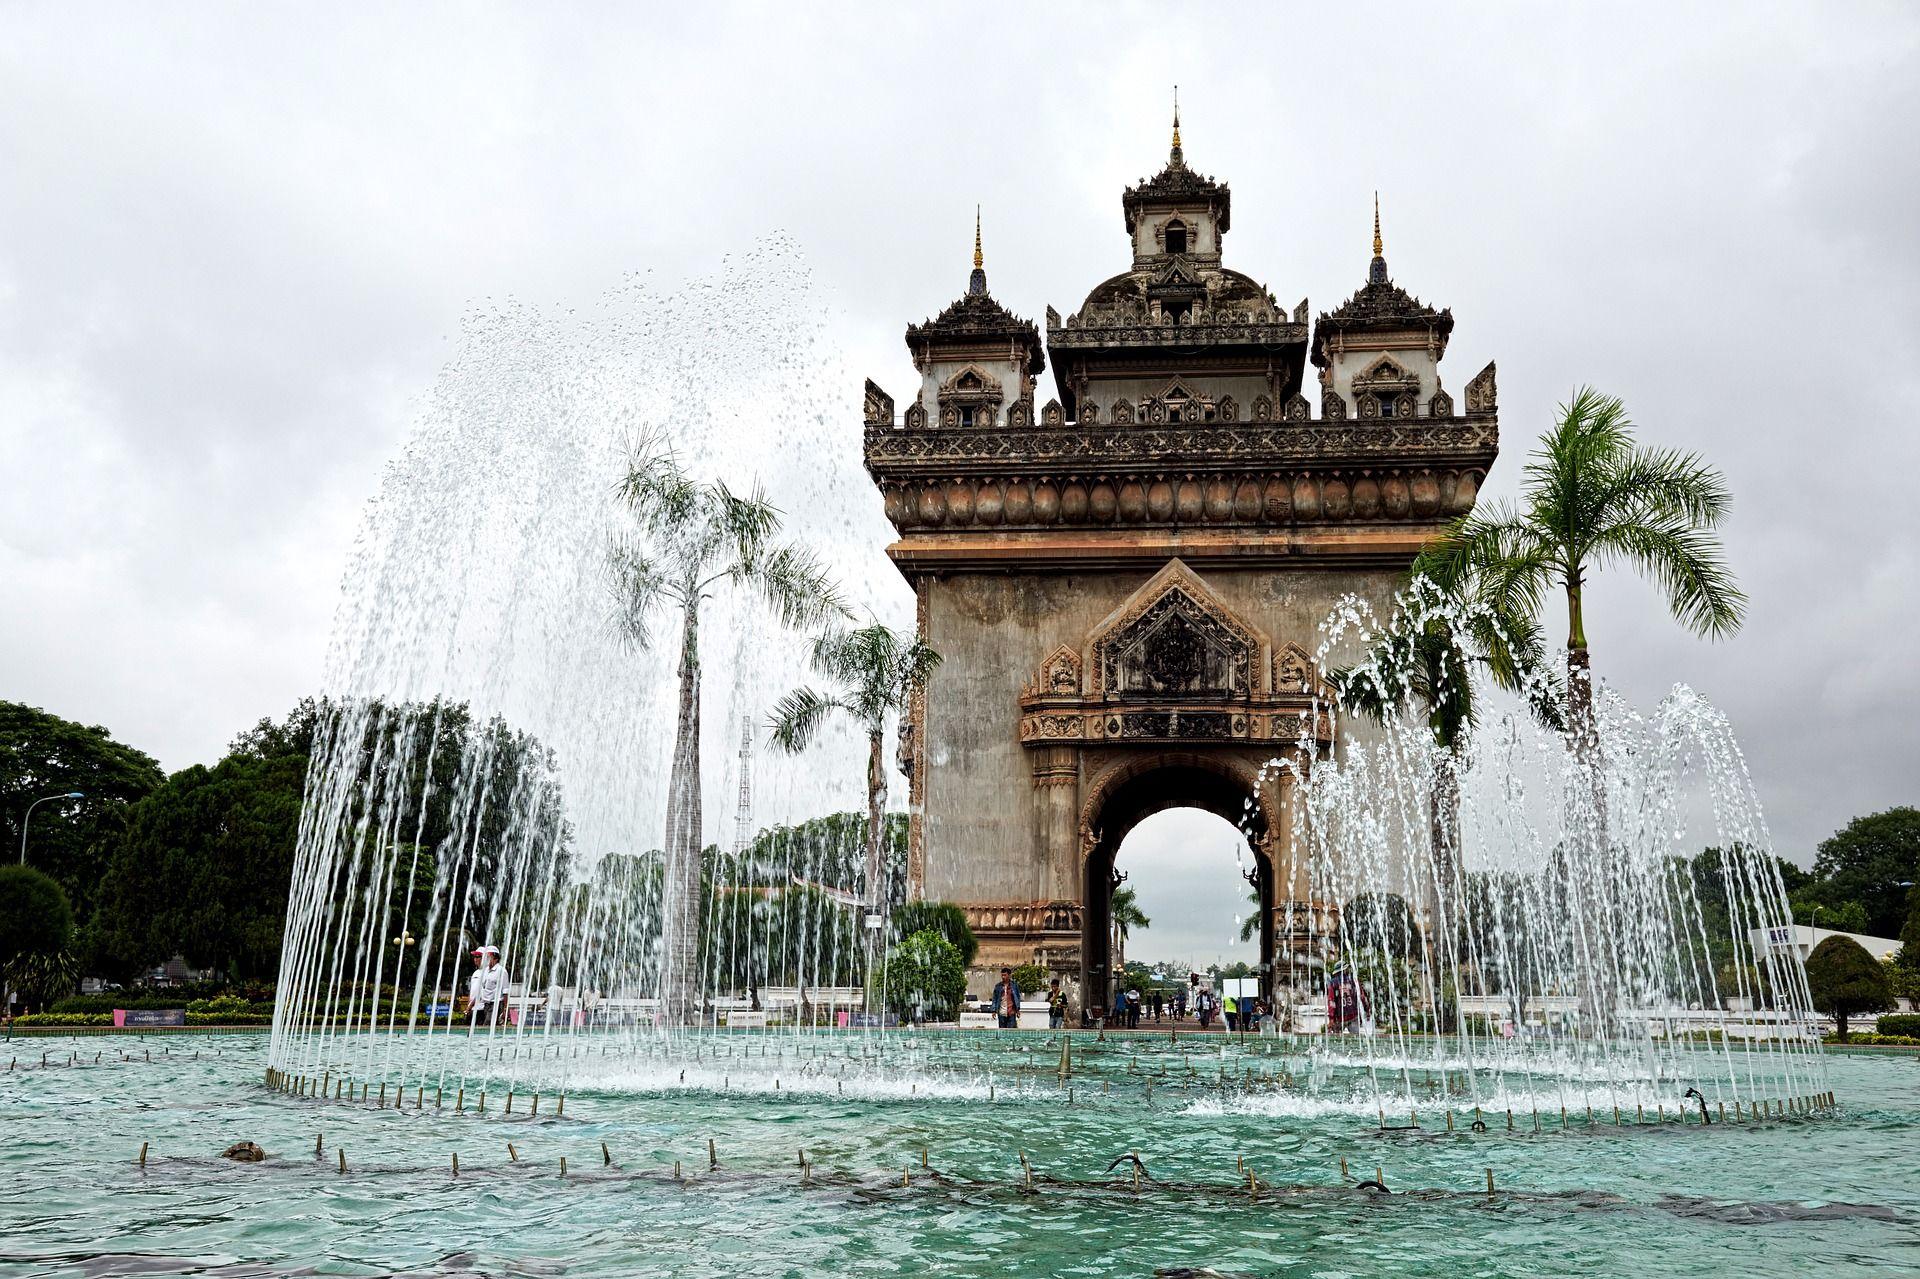 Les Incontournables du Laos Cambodge 15 jours / 12 nuits - limité à 16 pers.